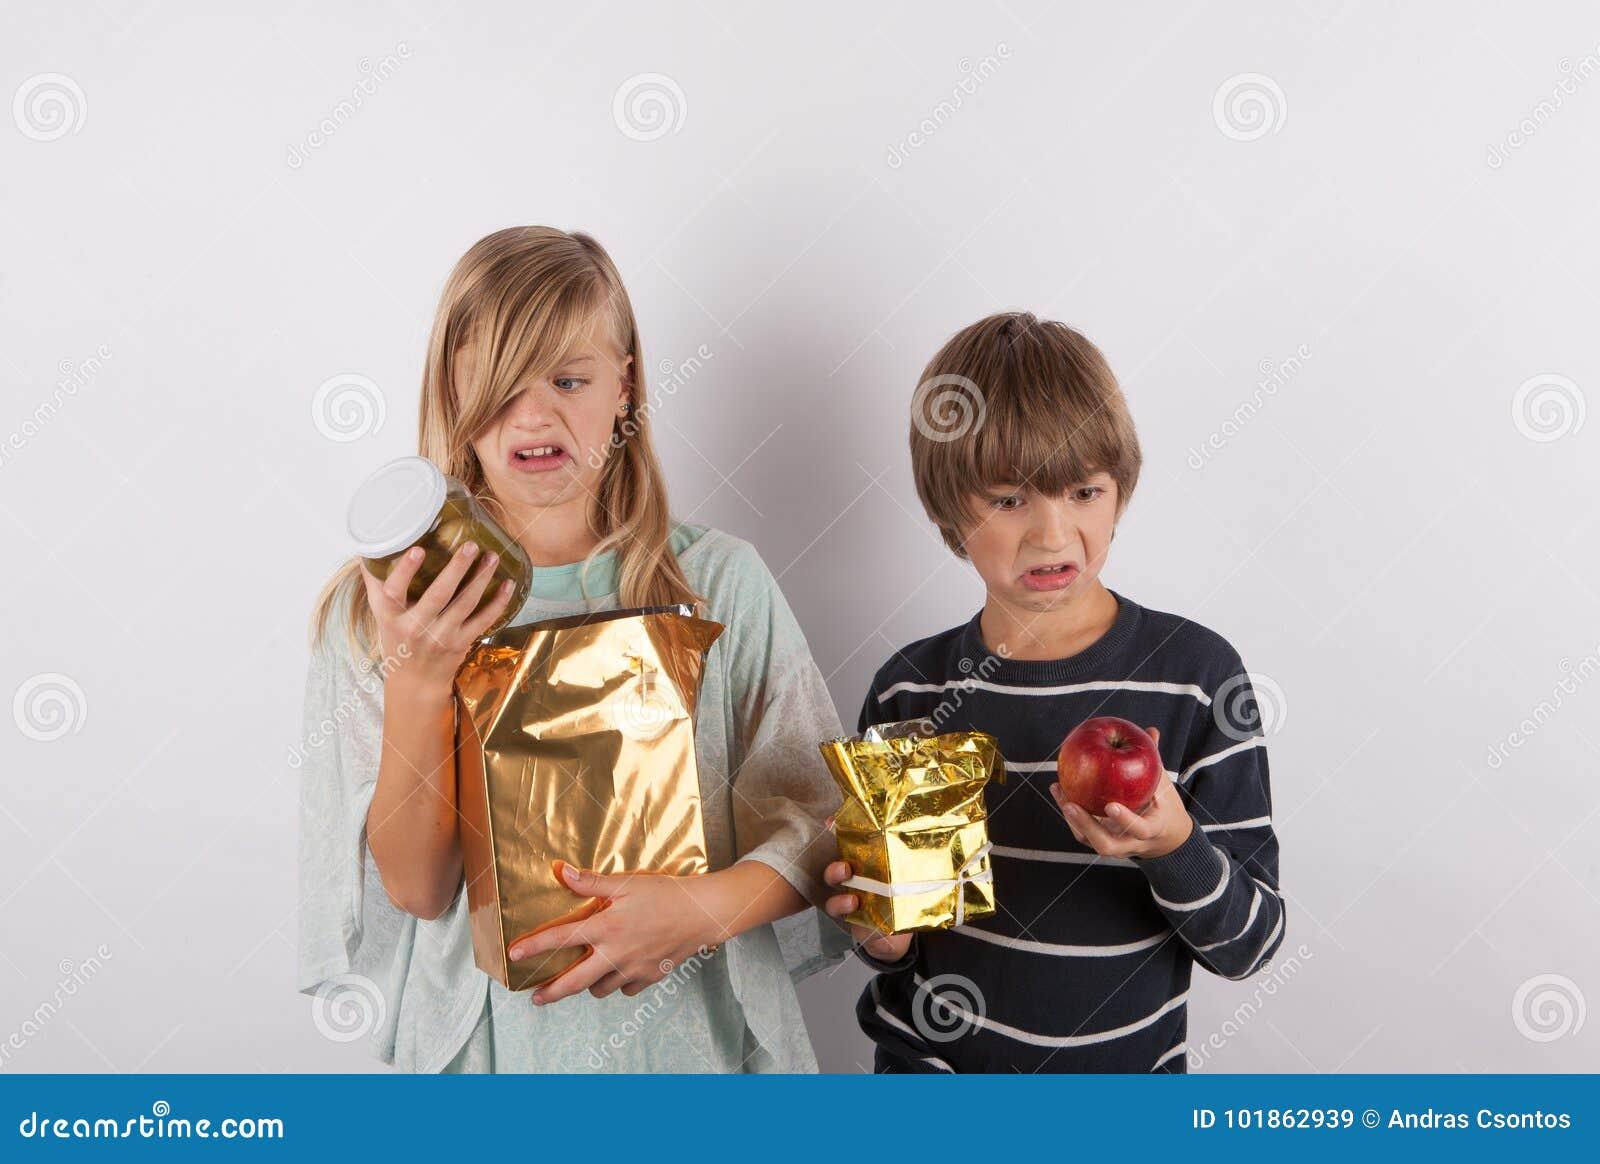 Kinderen door slechte giften worden geschokt die